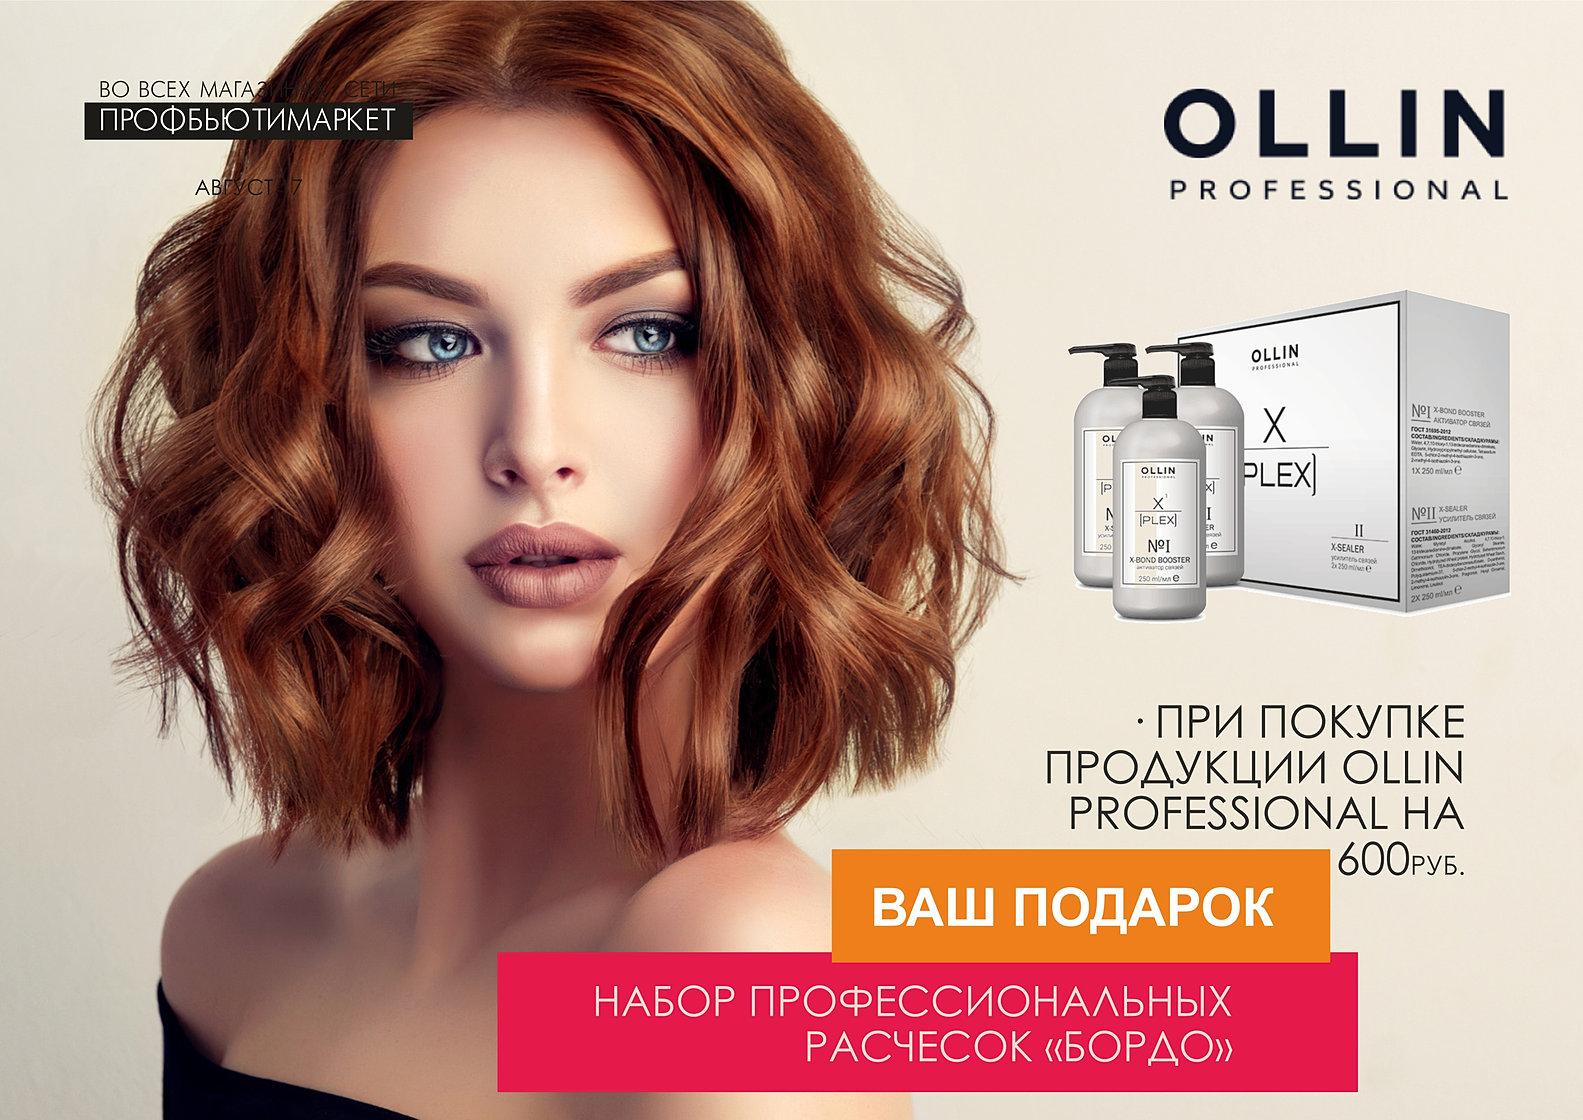 Шаболовская магазин косметики для волос